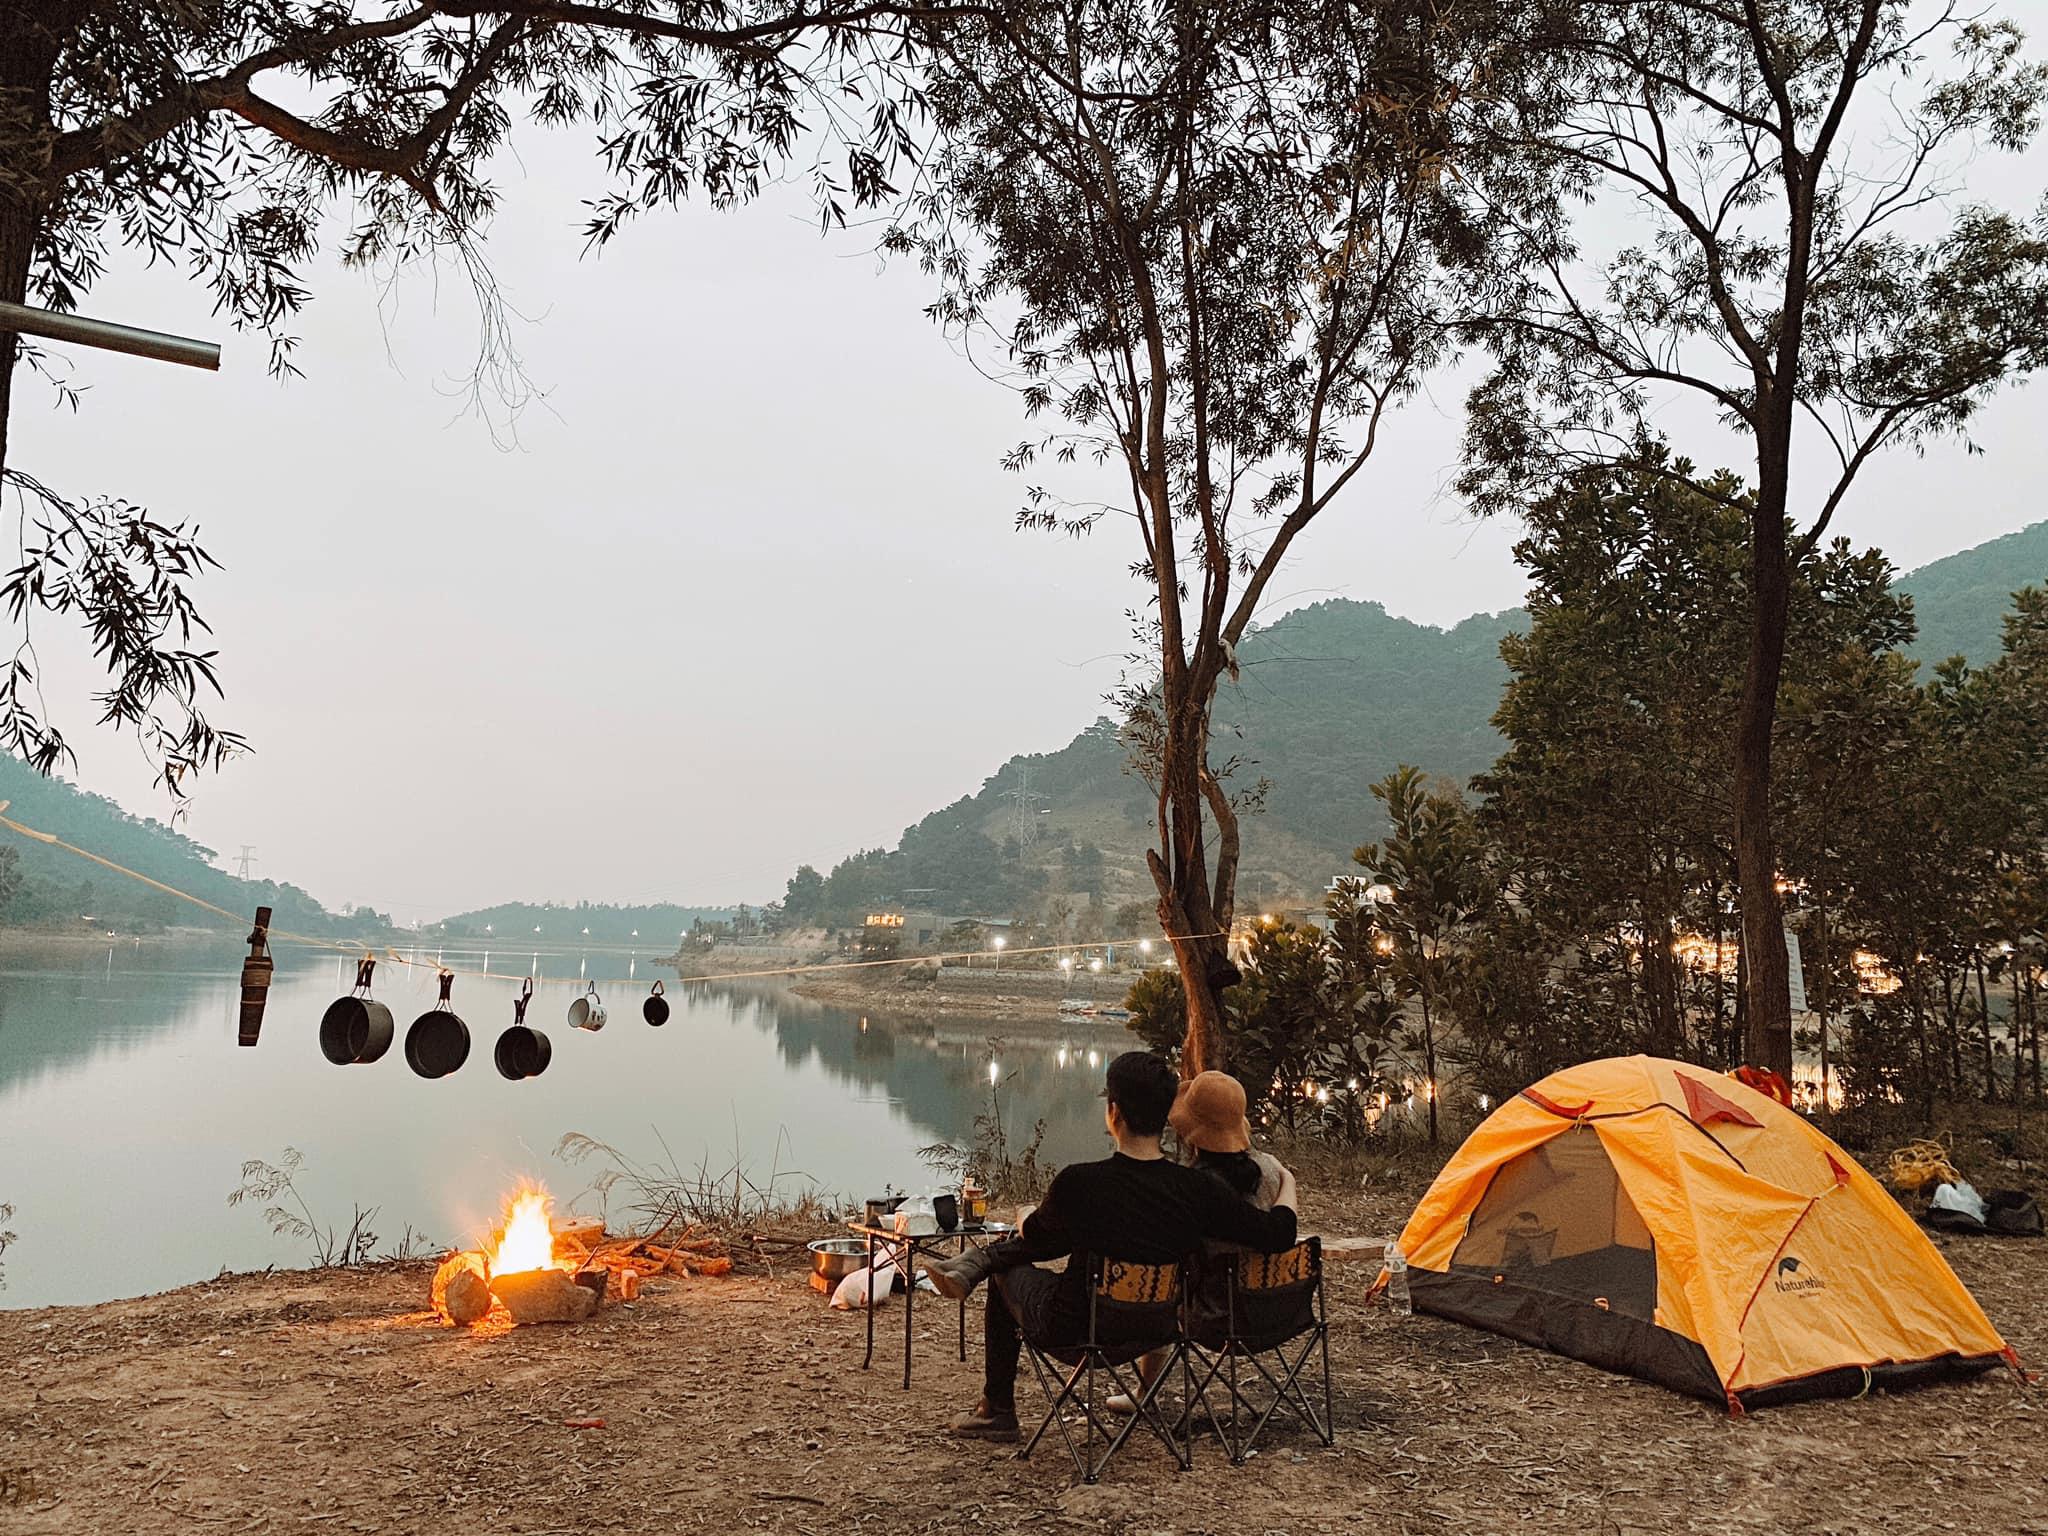 Thời tiết Hà Nội từng tháng trong năm – du lịch Hà Nội tháng mấy thì đẹp?